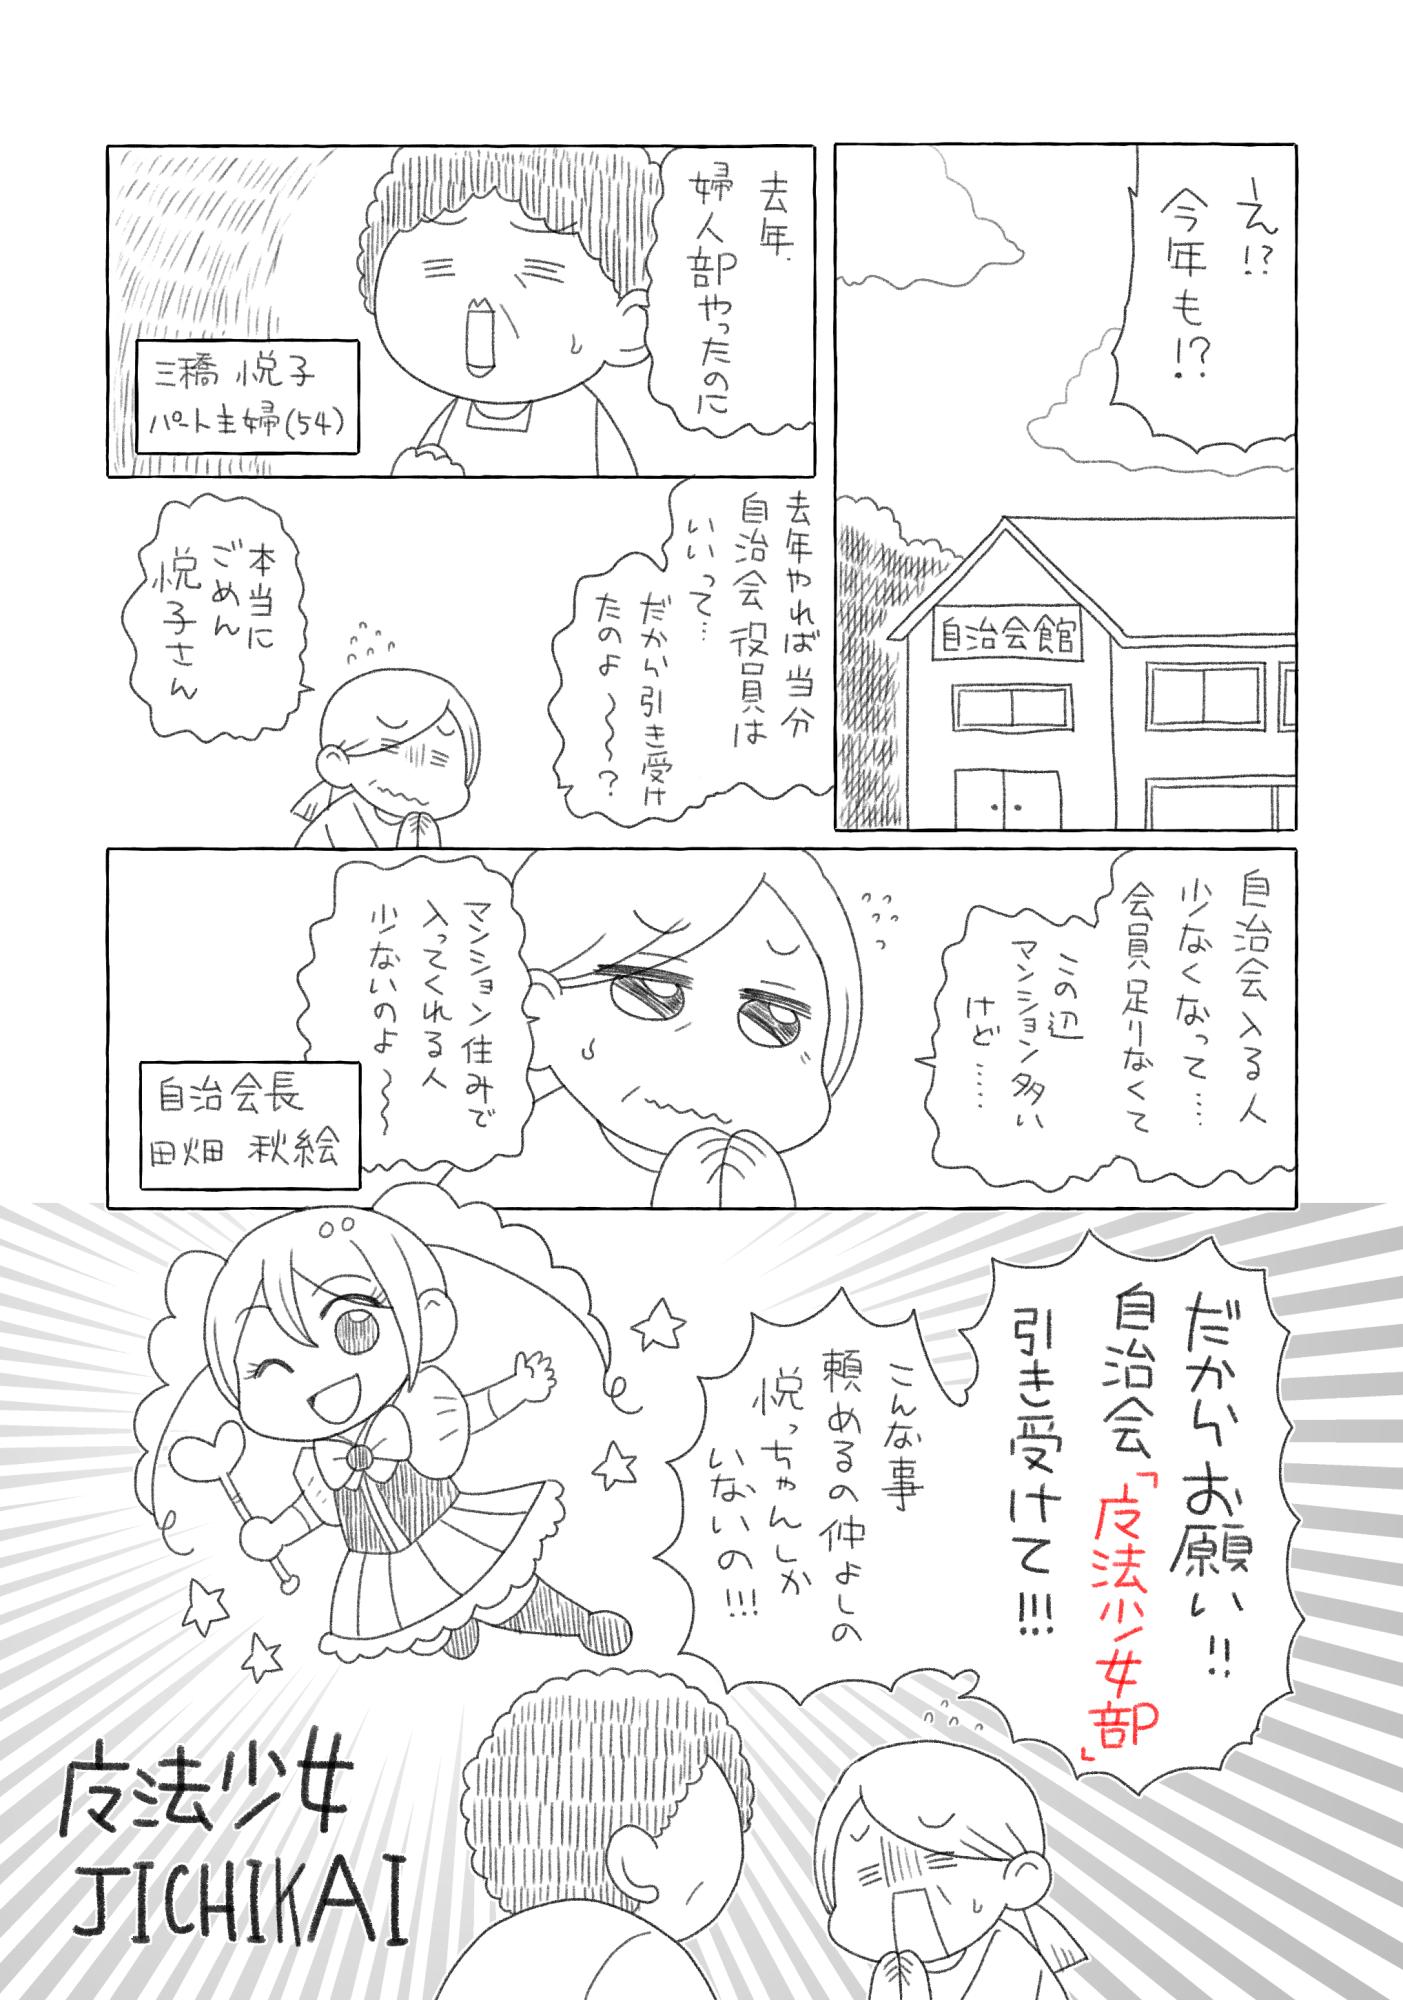 魔法少女JICHIKAI